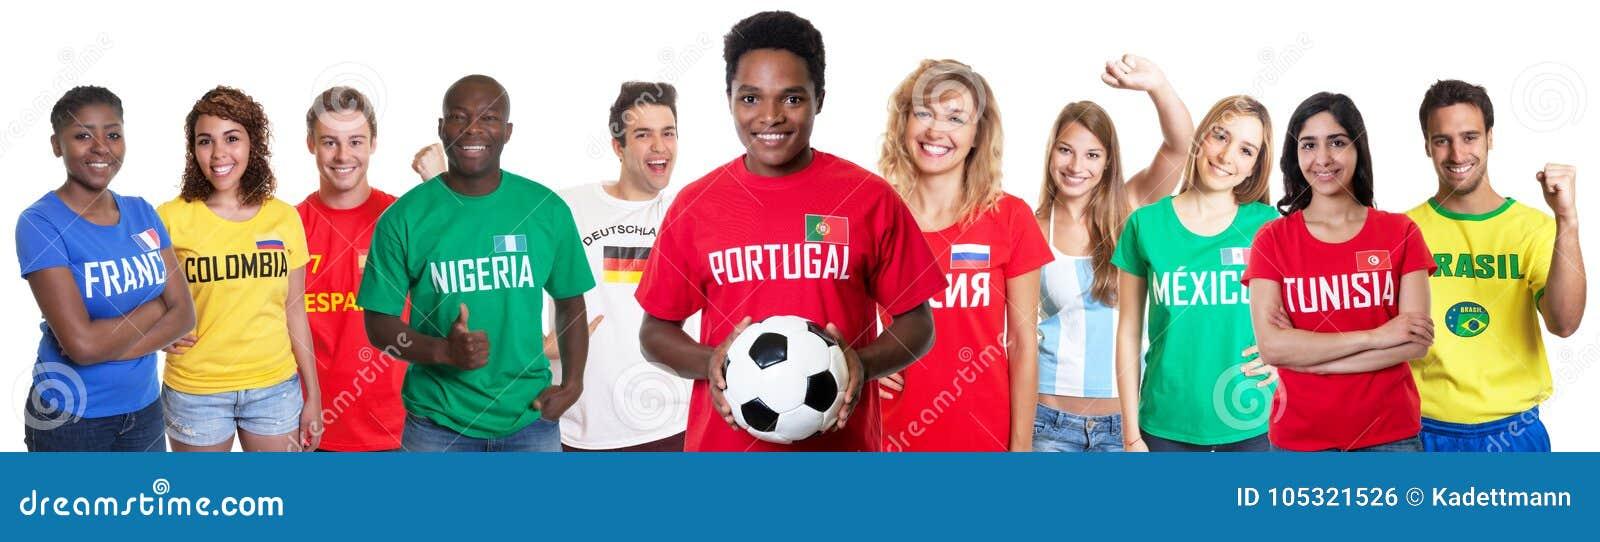 Portugalski piłki nożnej fan z fan od innych krajów